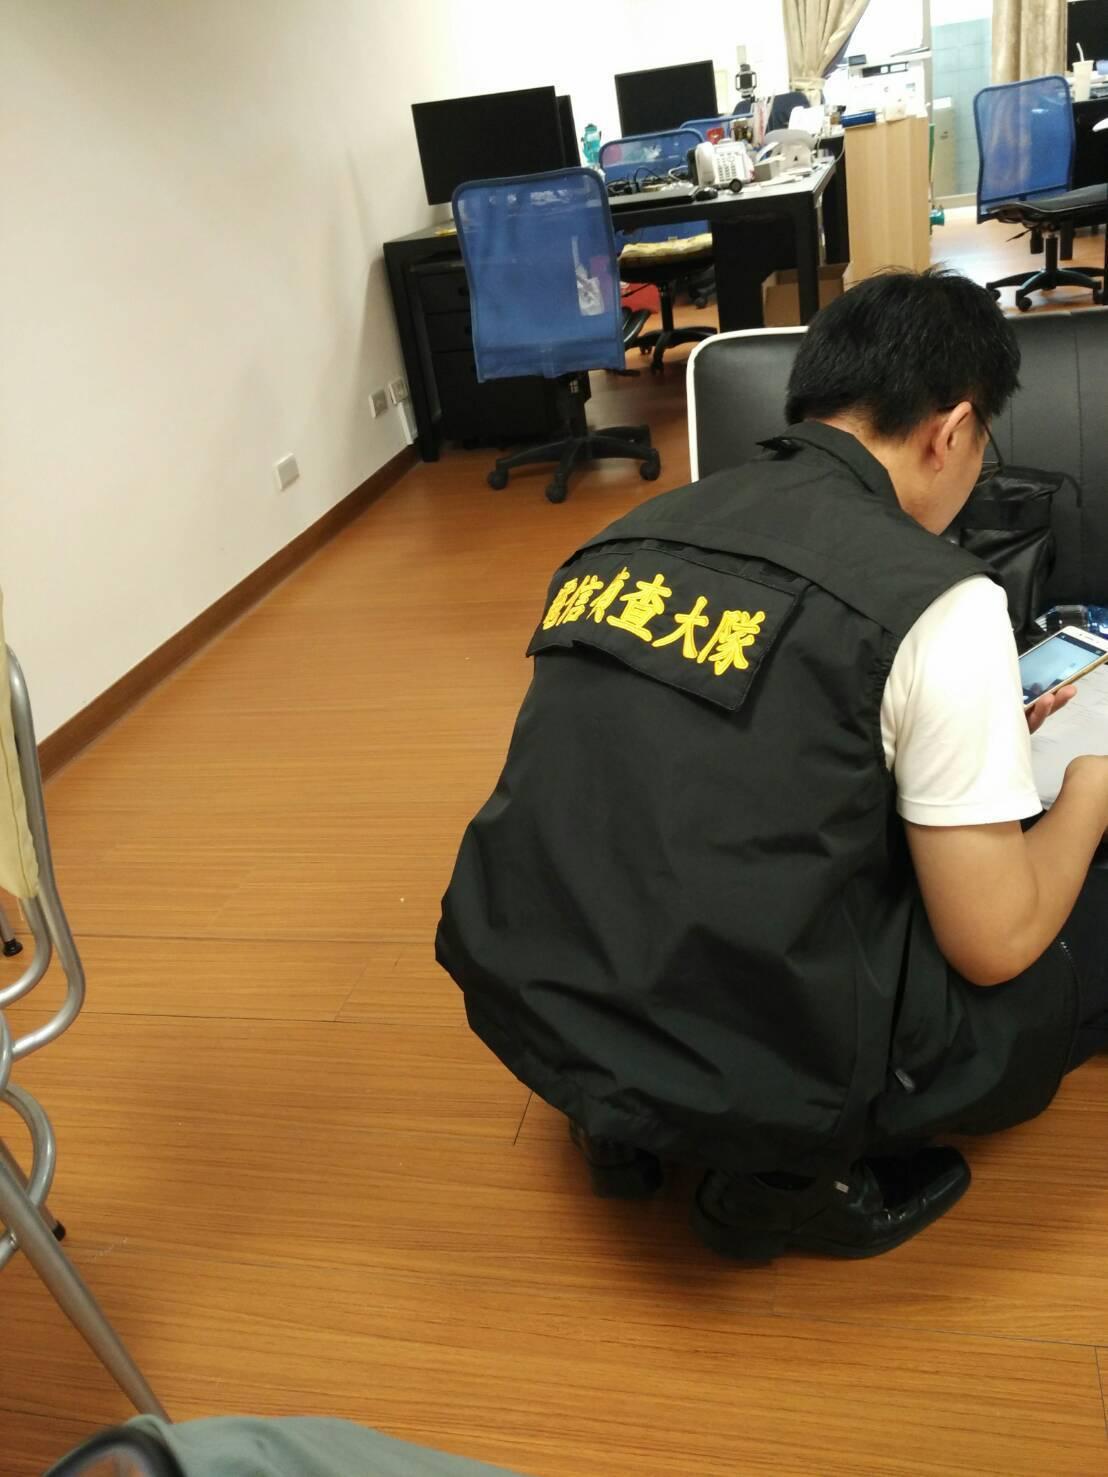 電信偵查大隊在嫌犯公司據點進行搜索。圖/刑事局提供